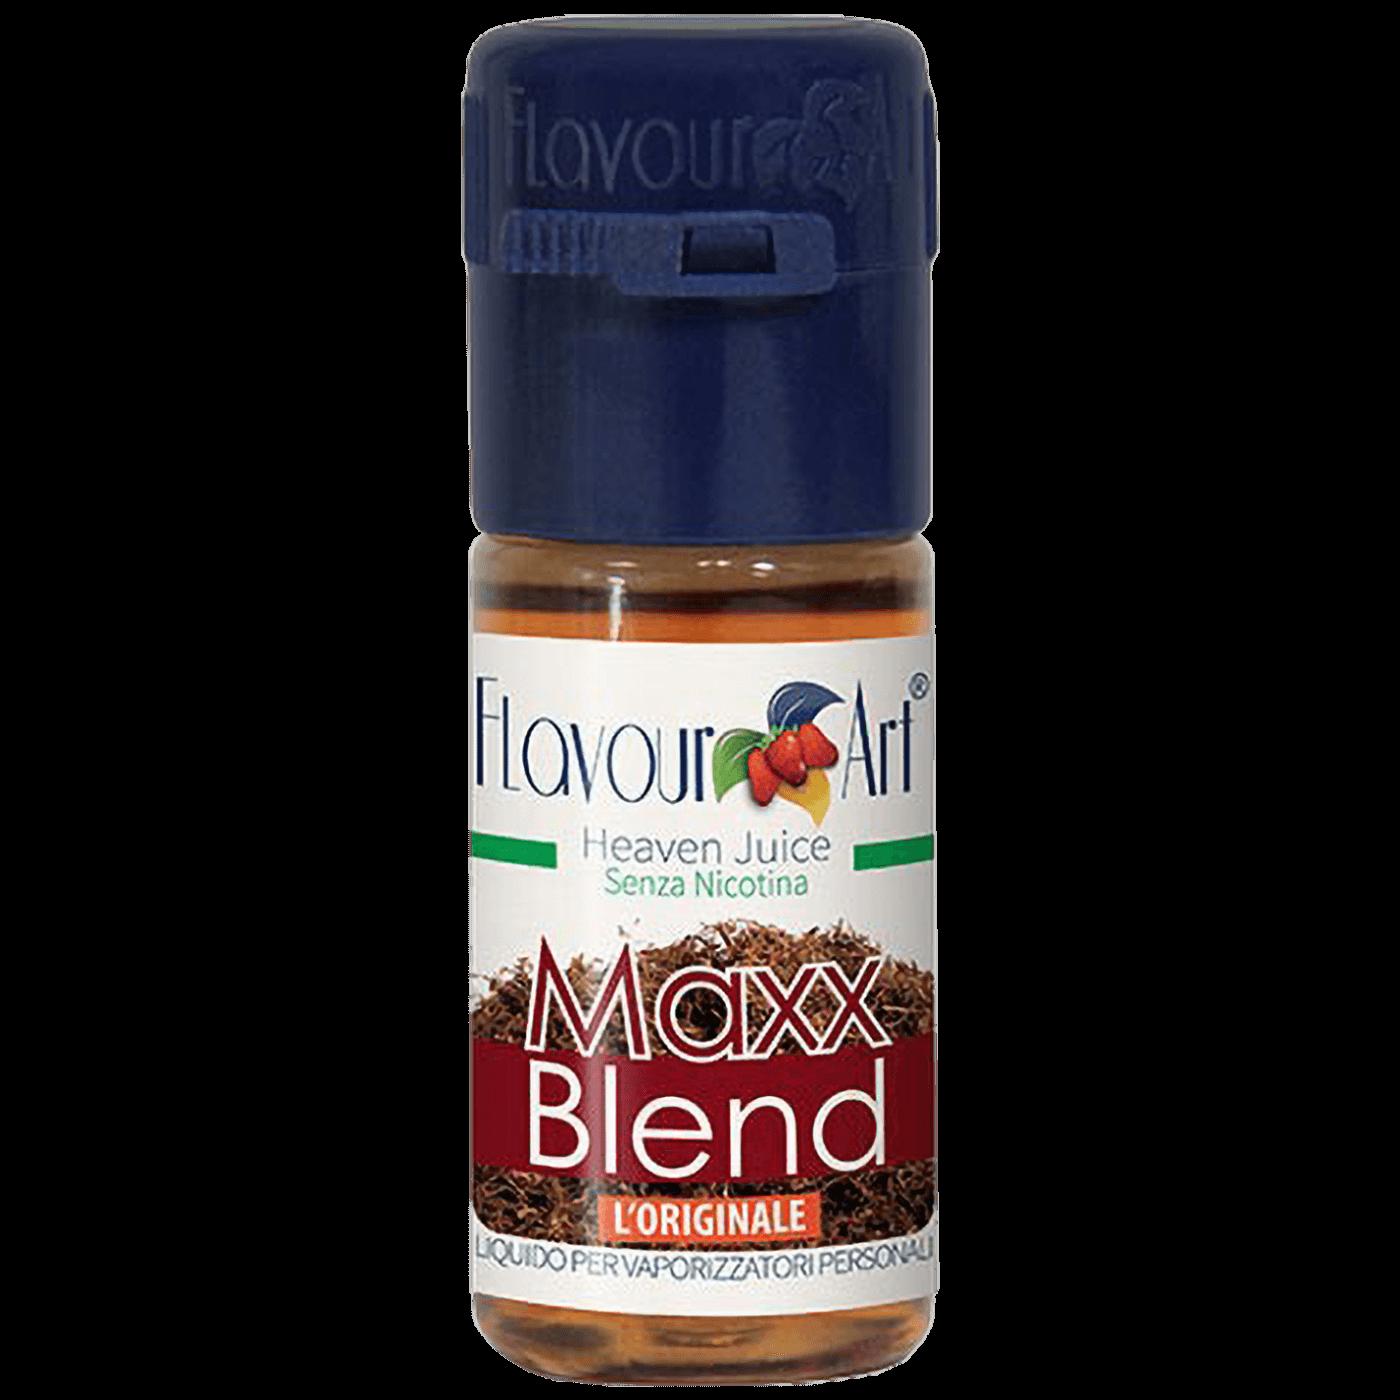 Tekućina za e-cigarete, Maxx Blend 9mg